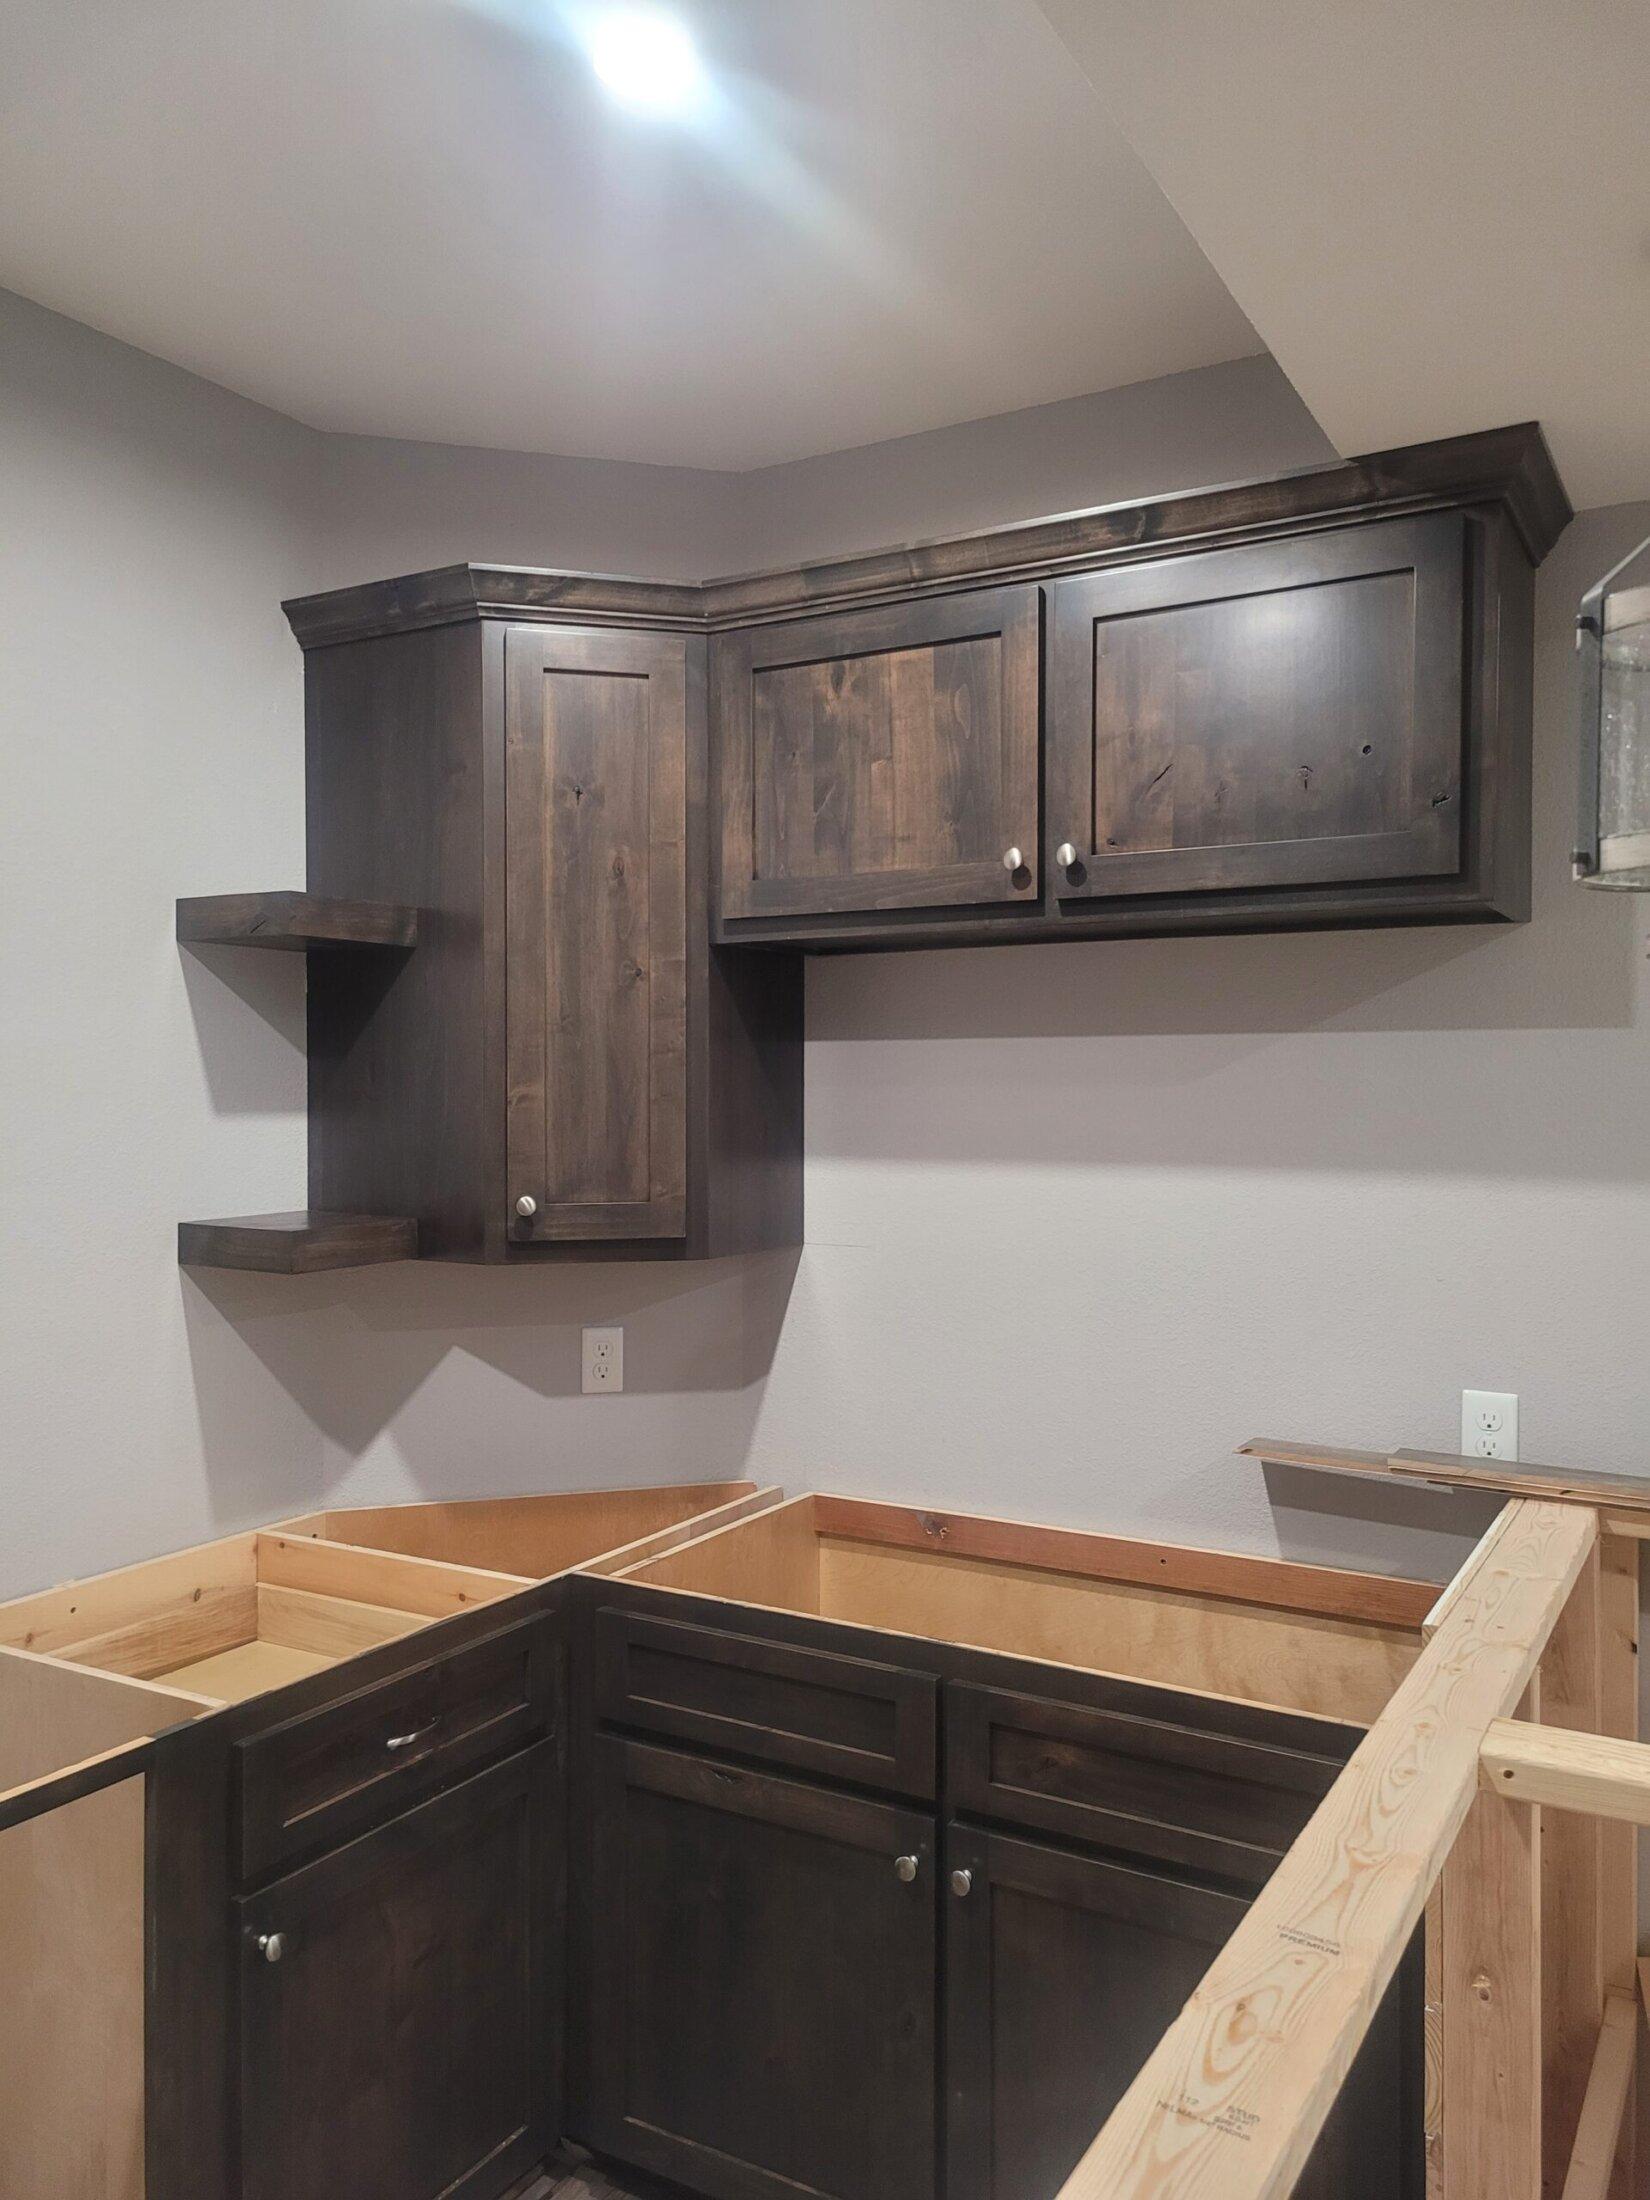 Knotty Alder- Back Bar Cabinets Custom Built